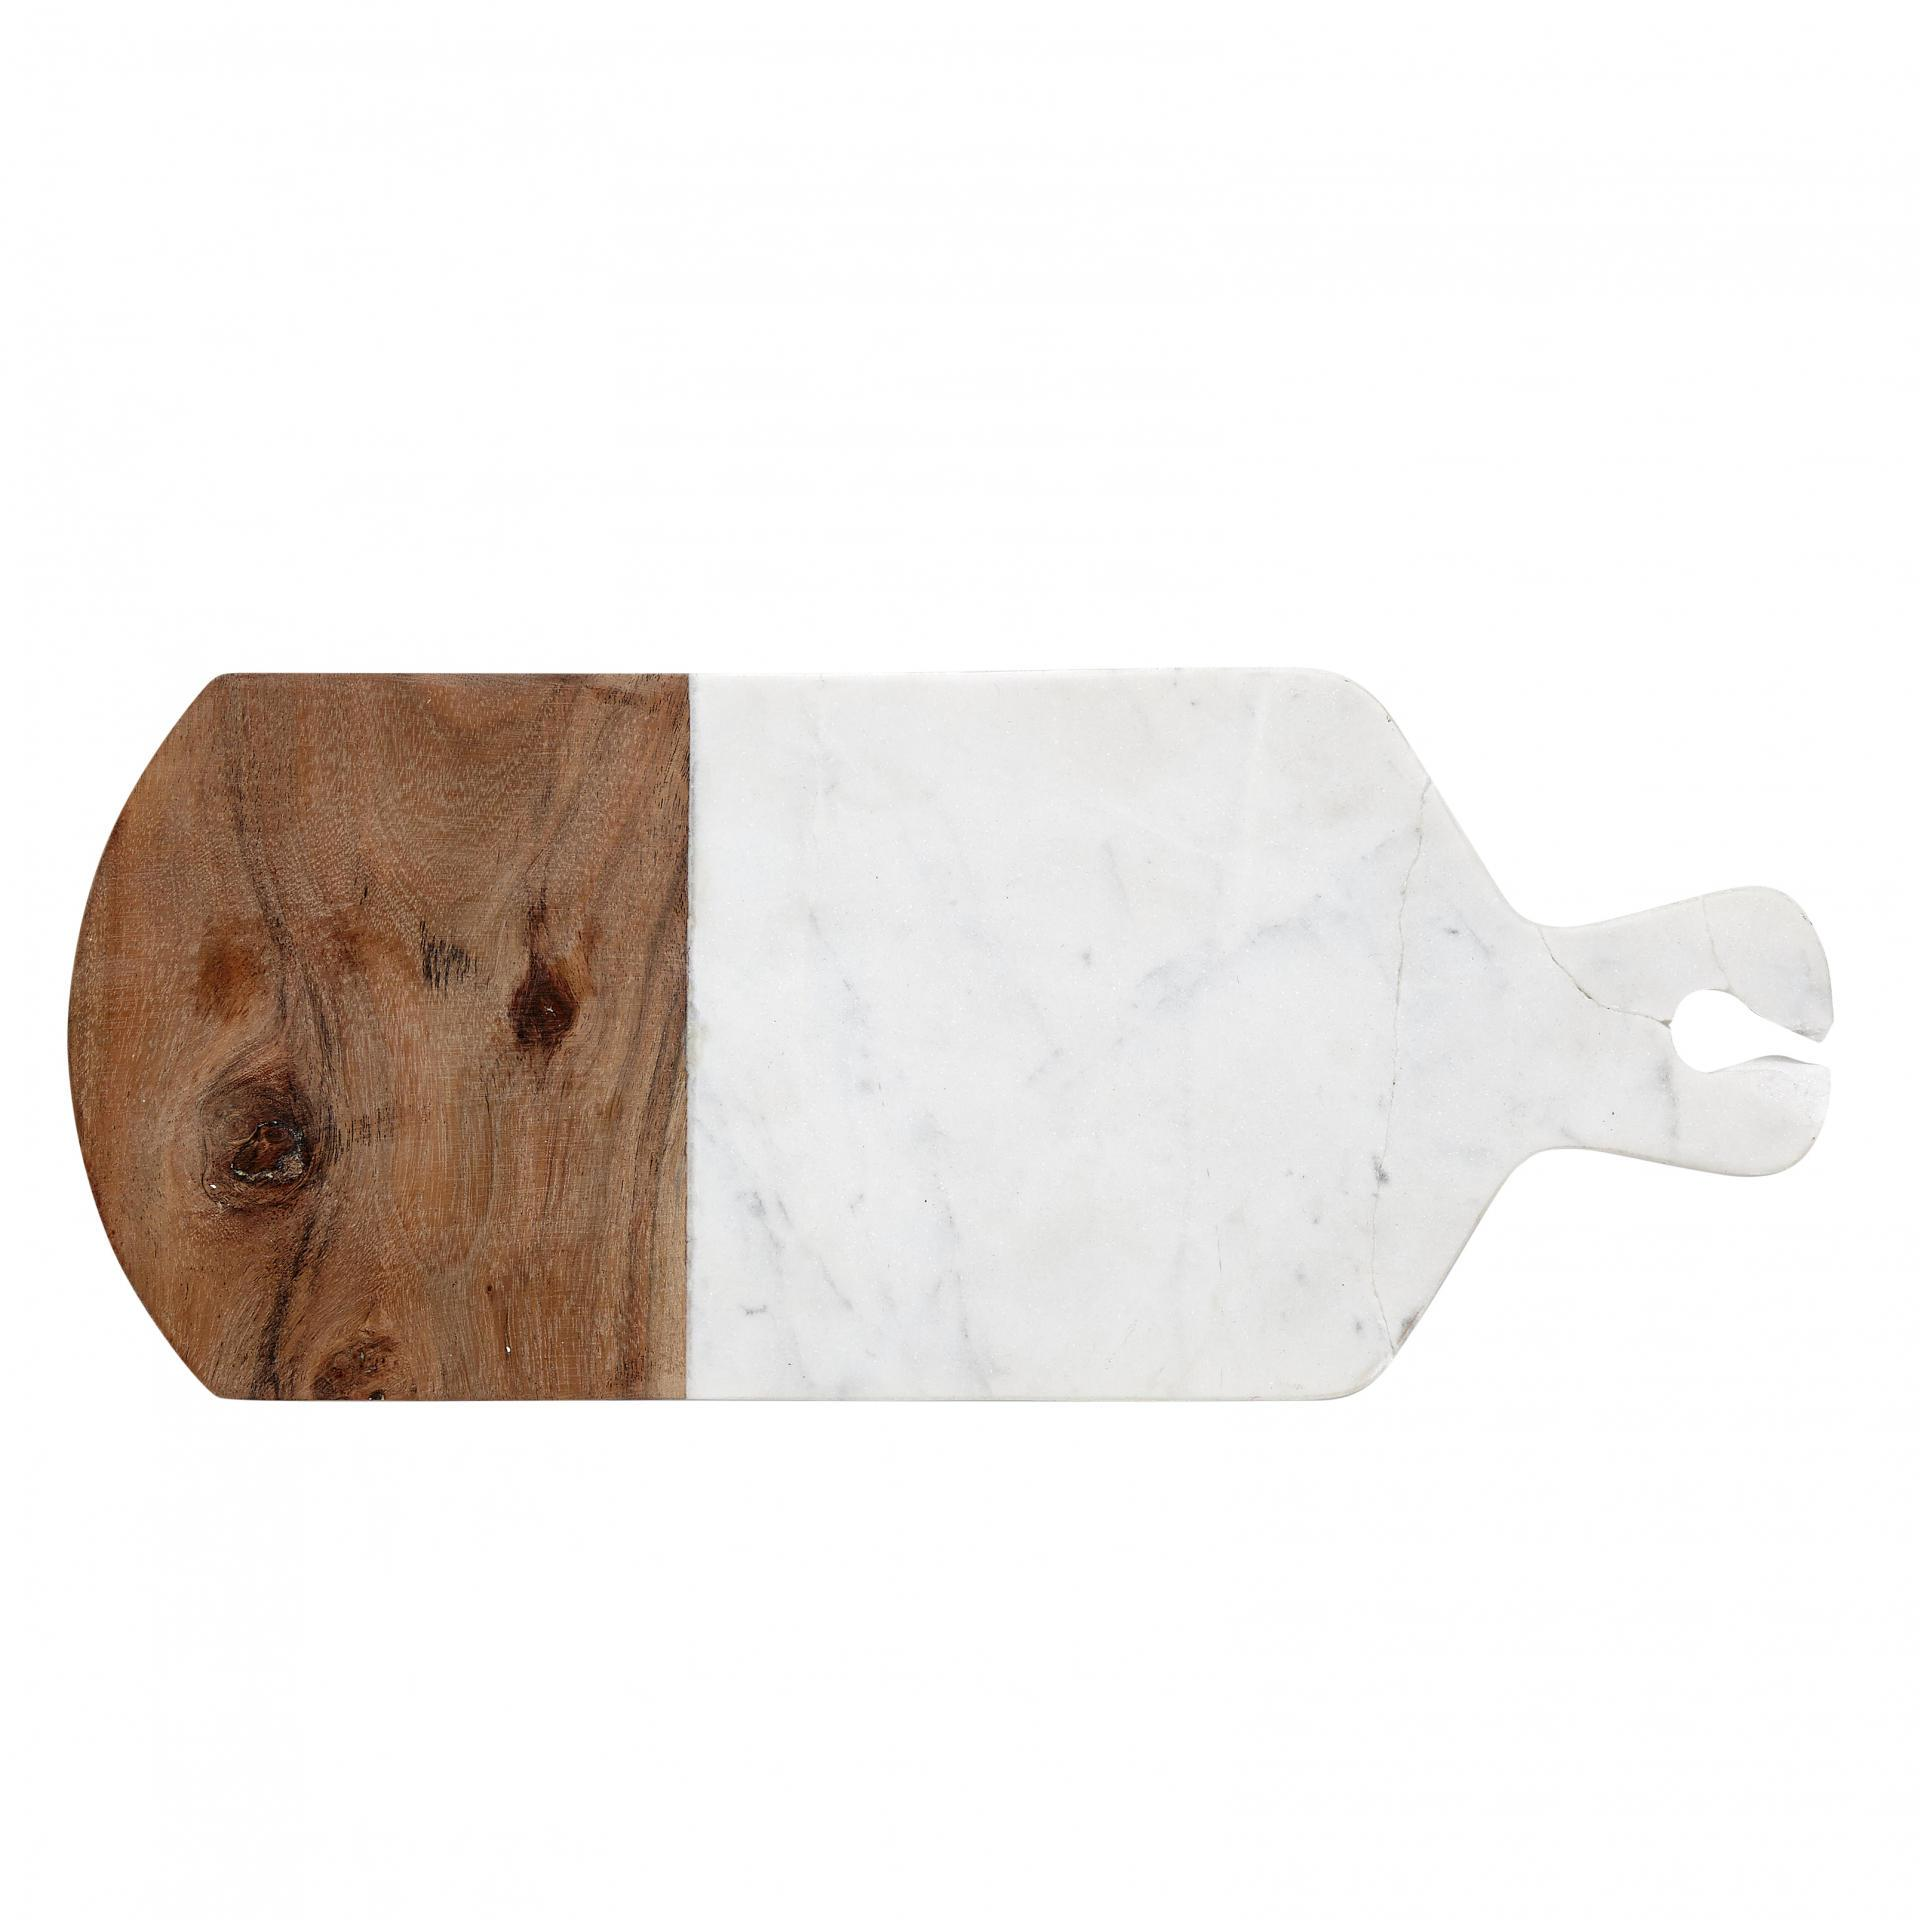 Hübsch Mramorové prkénko Marble, hnědá barva, krémová barva, dřevo, mramor